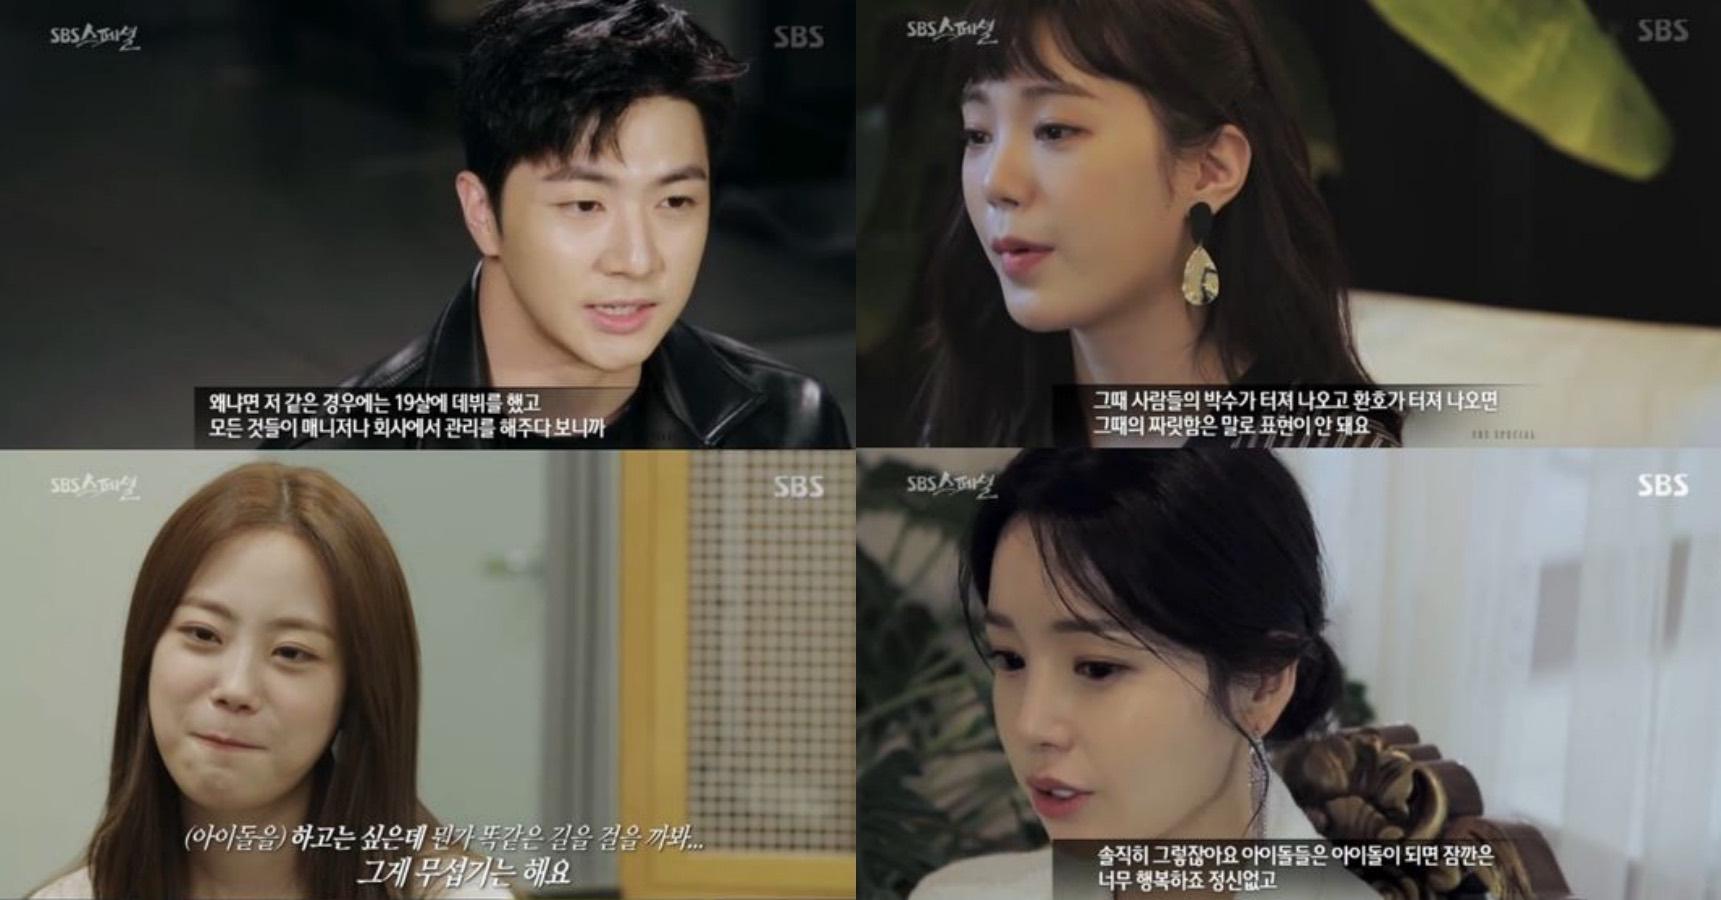 近日SBS播出的短篇紀錄片中,幾位偶像吐露了他們的心聲以及述說了當偶像的辛酸處。